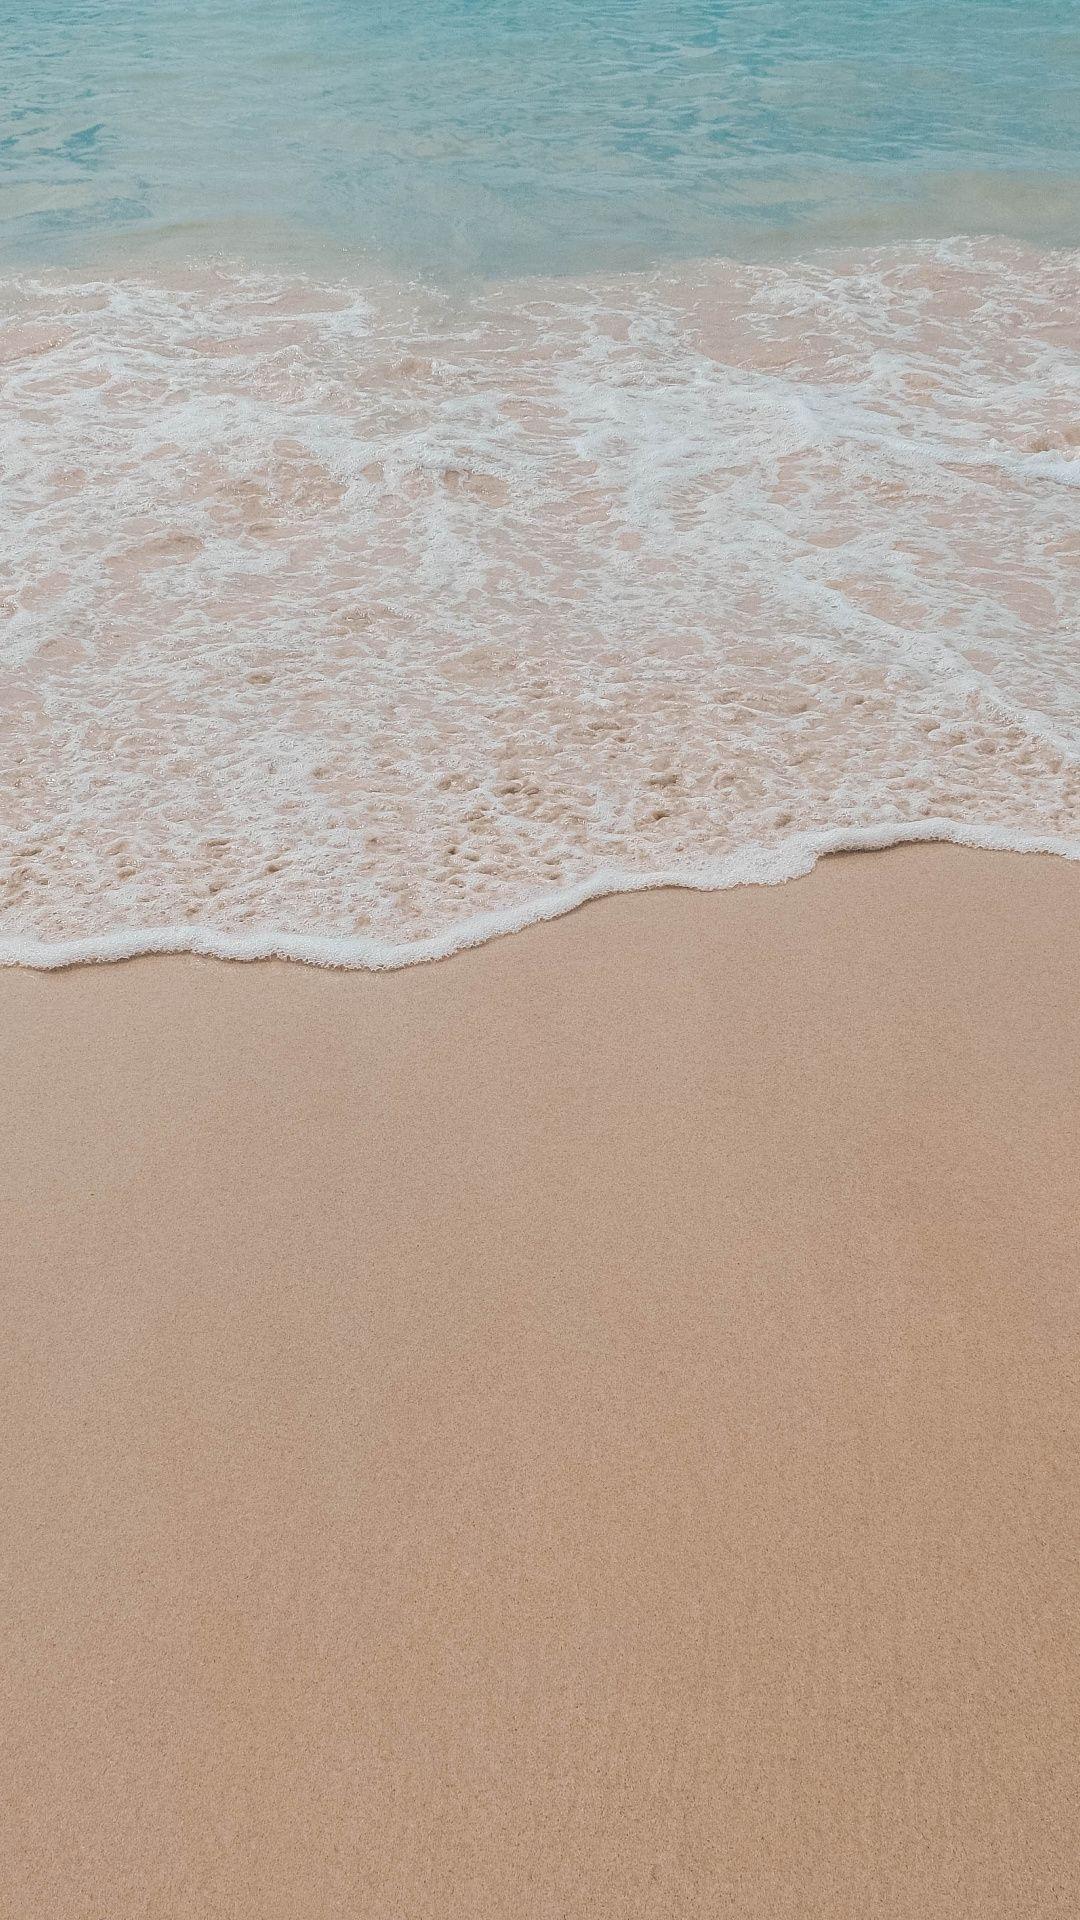 Minimal Soft Sea Wave Beach Wallpaper Beach Wallpaper Minimal Wallpaper Ocean Wallpaper Wallpaper beach waves sea sand coast